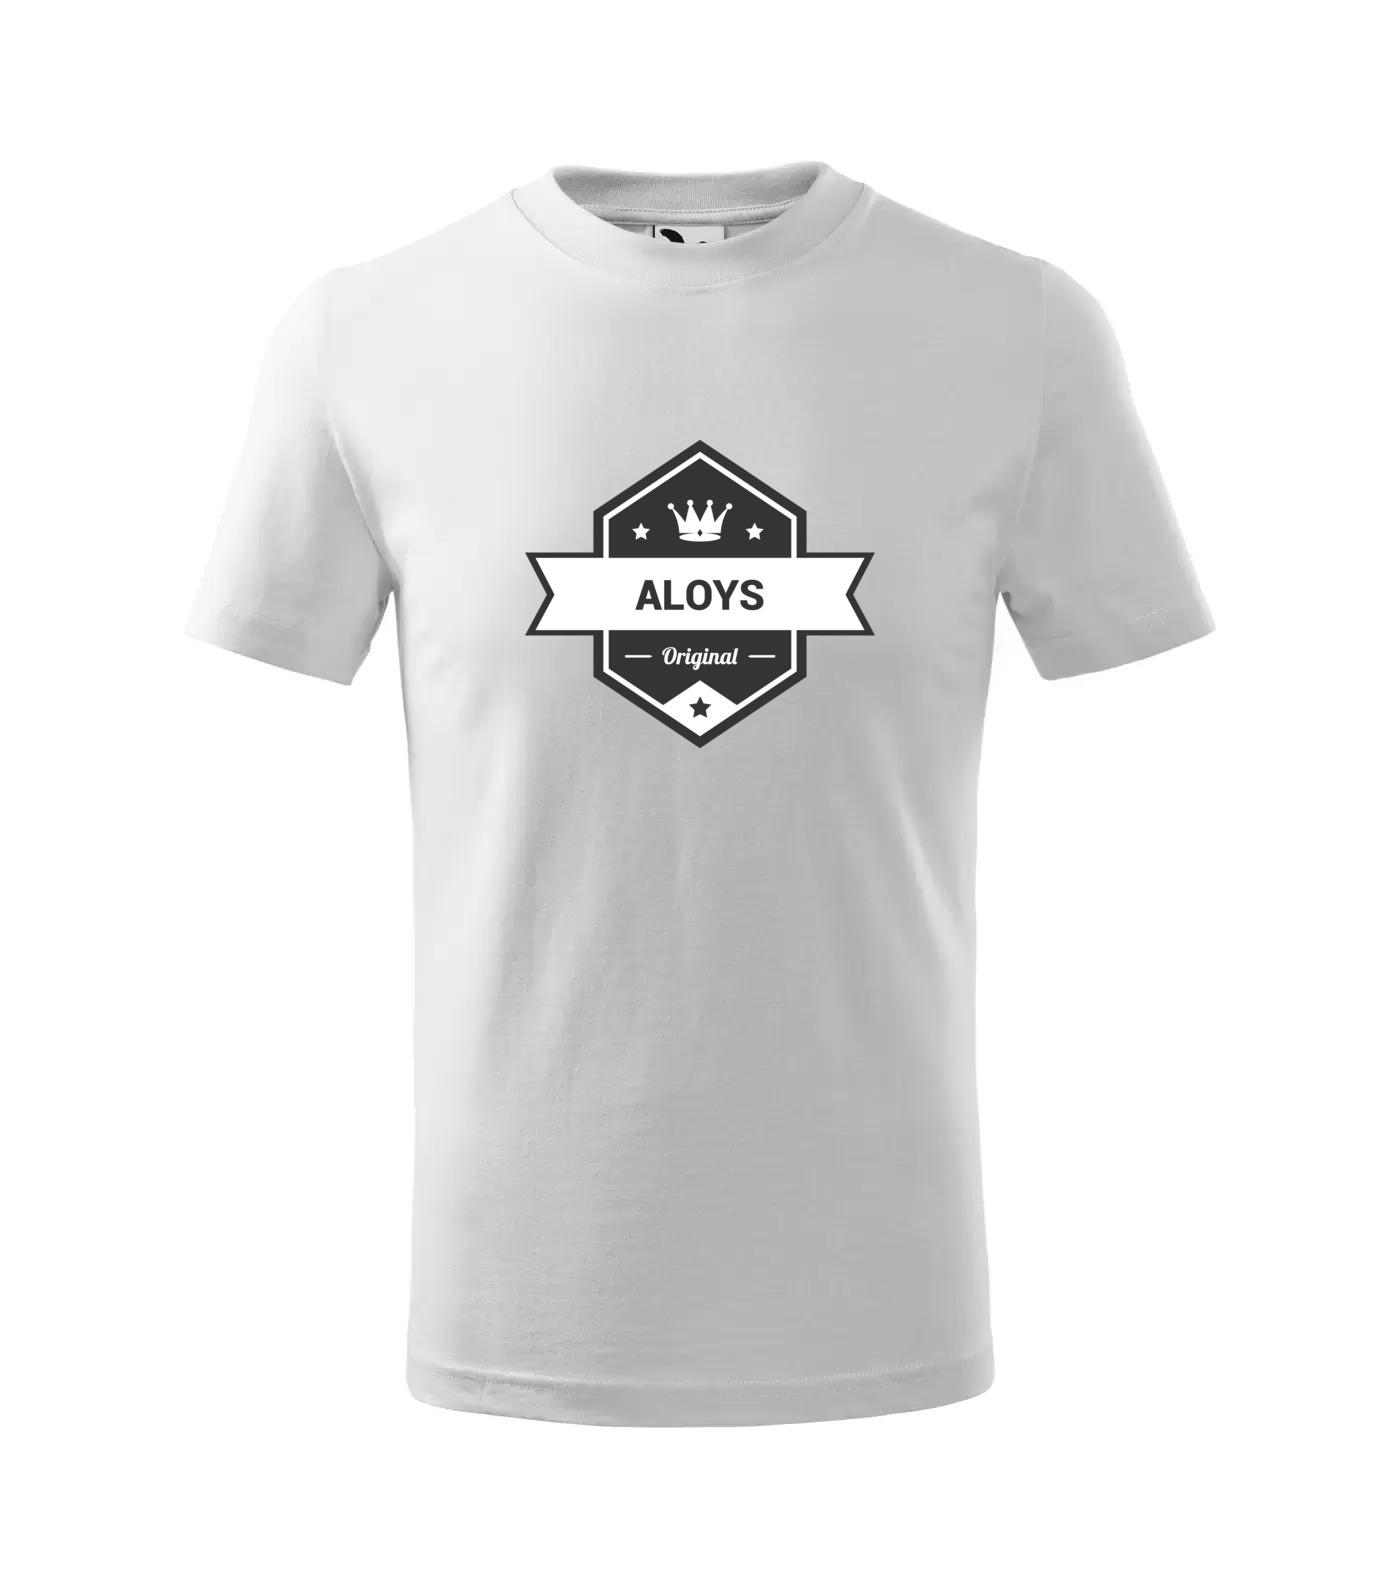 Tričko King Aloys